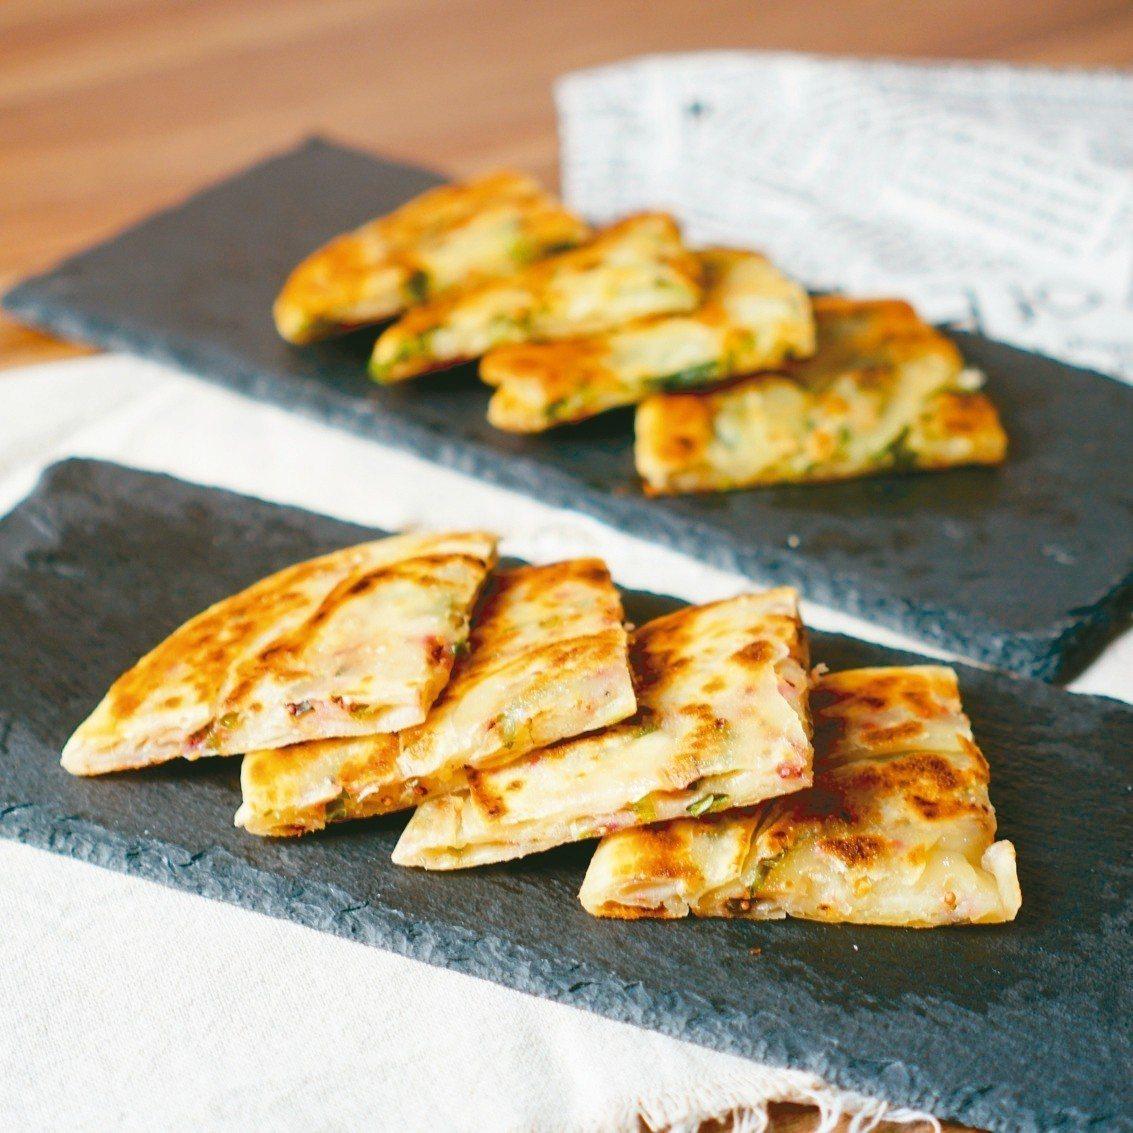 紅藜蔥油餅。 圖/柴米夫妻提供